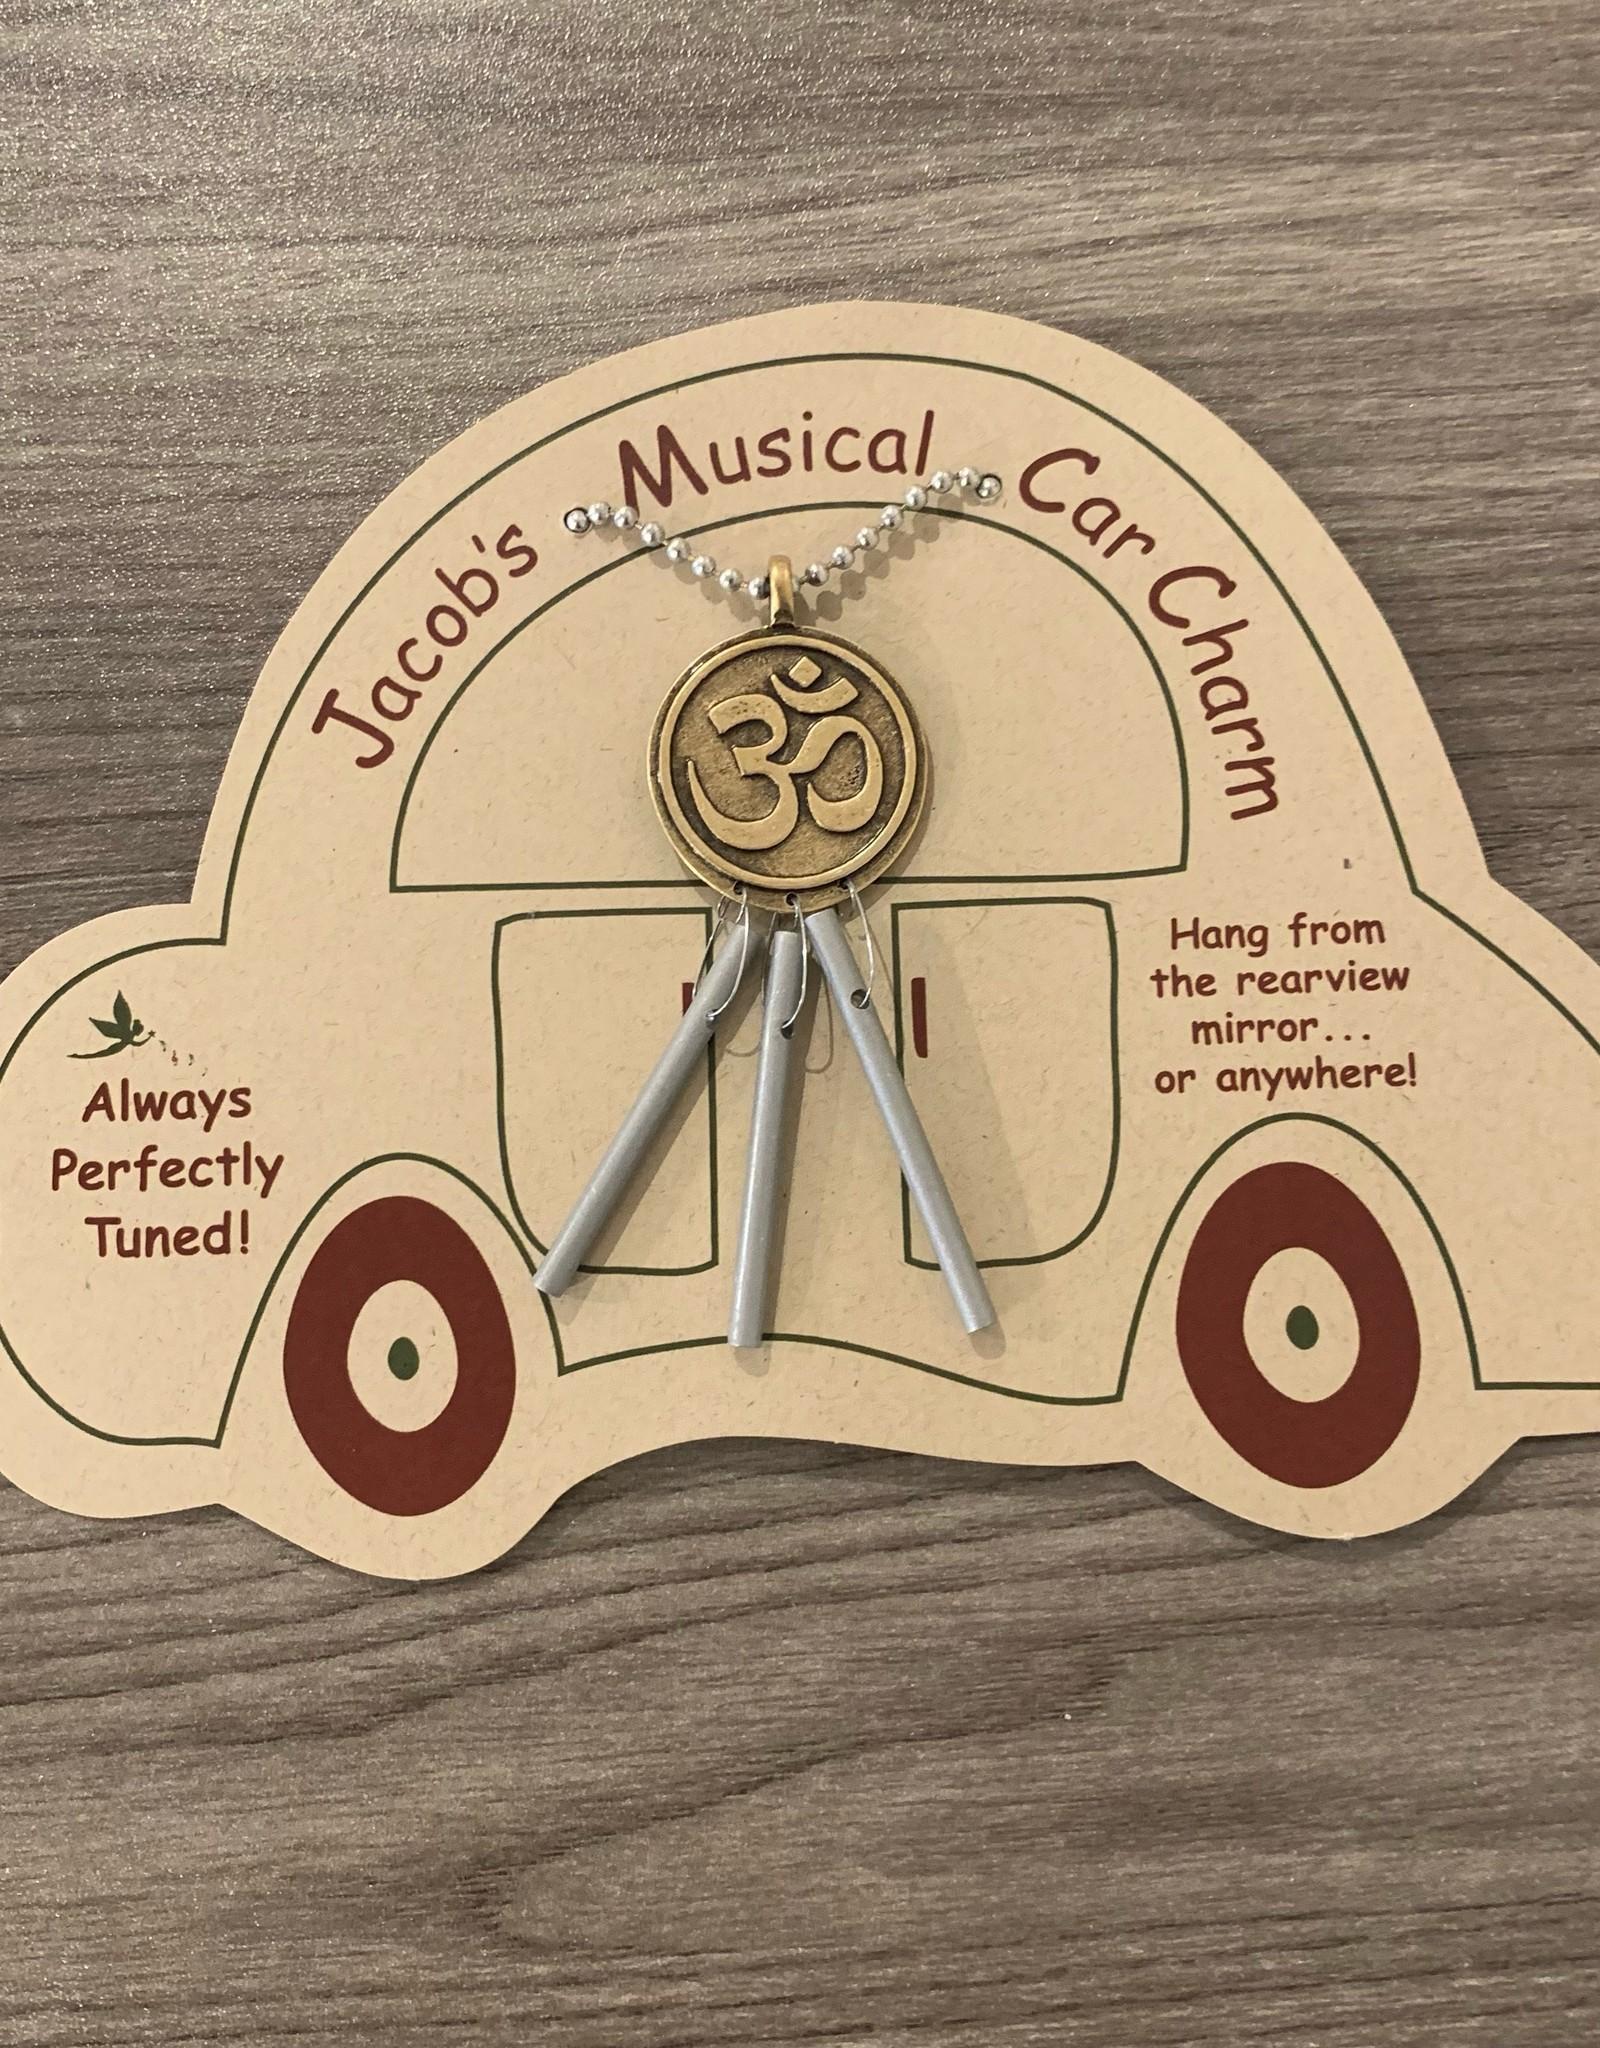 Jacob's Musical Chimes Om Car Charm